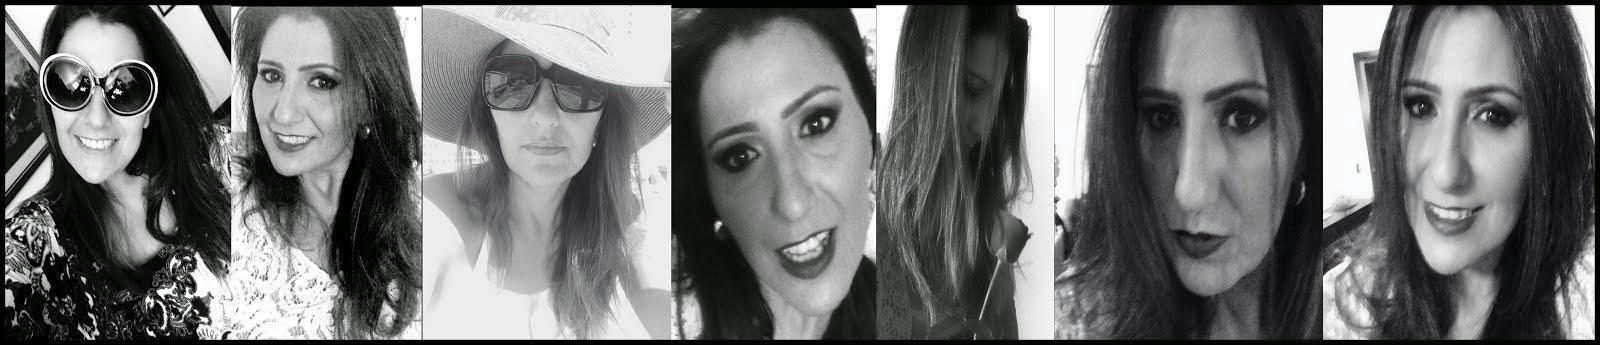 Adriana Paranhos Leal